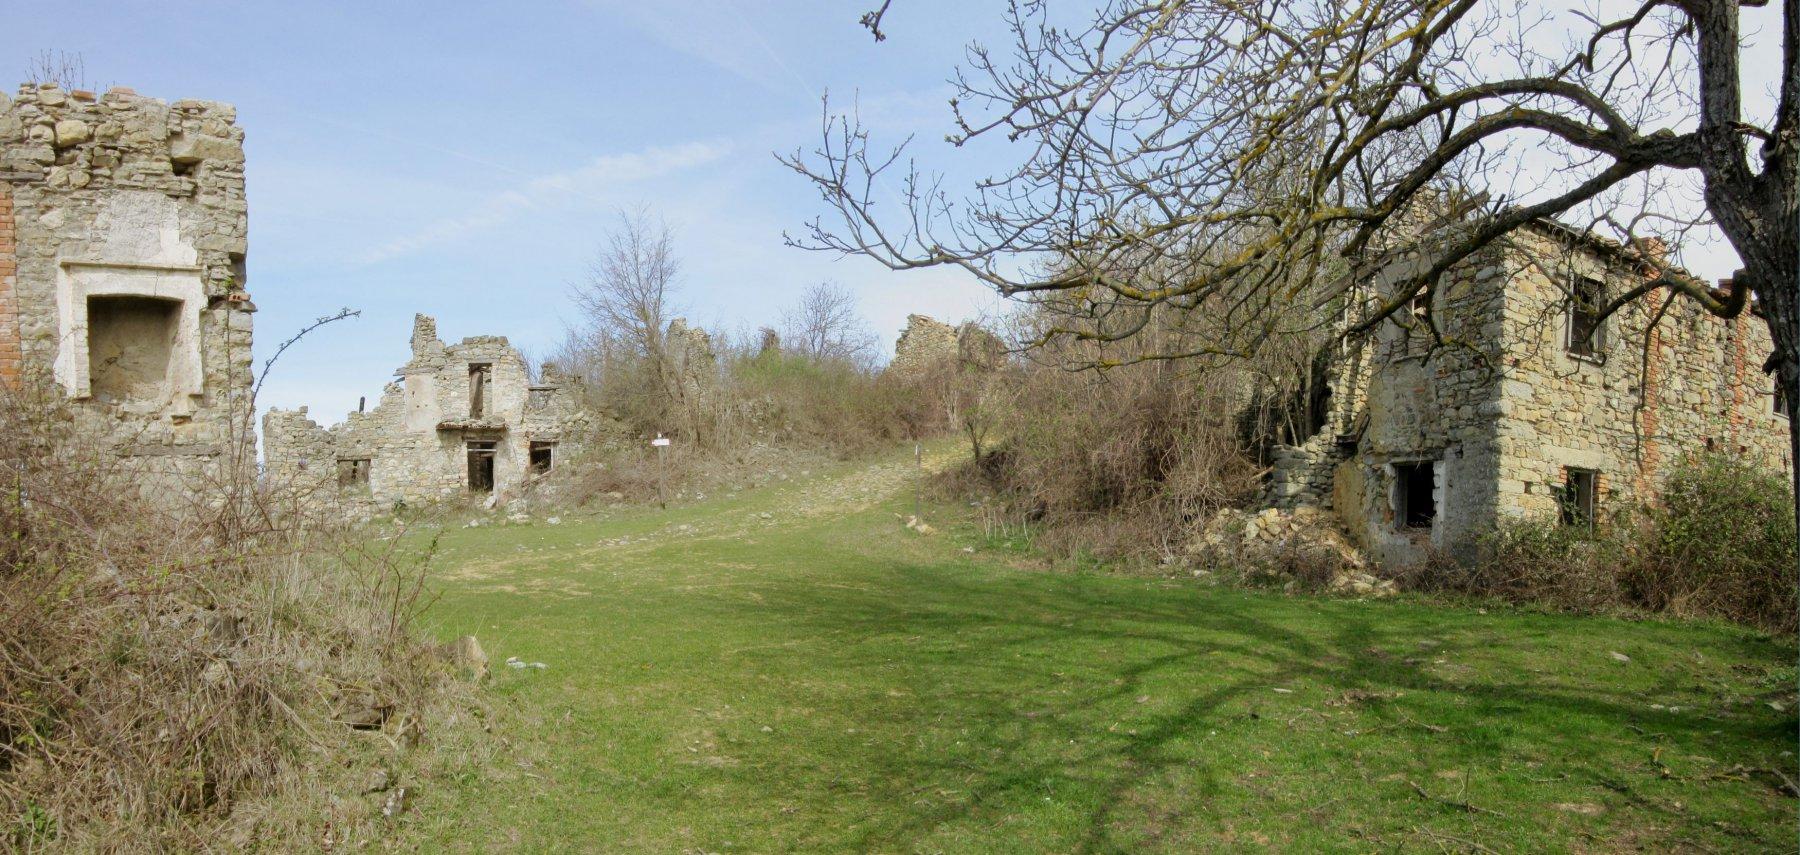 Arrivo al Villaggio abbandonato di Rivarossa